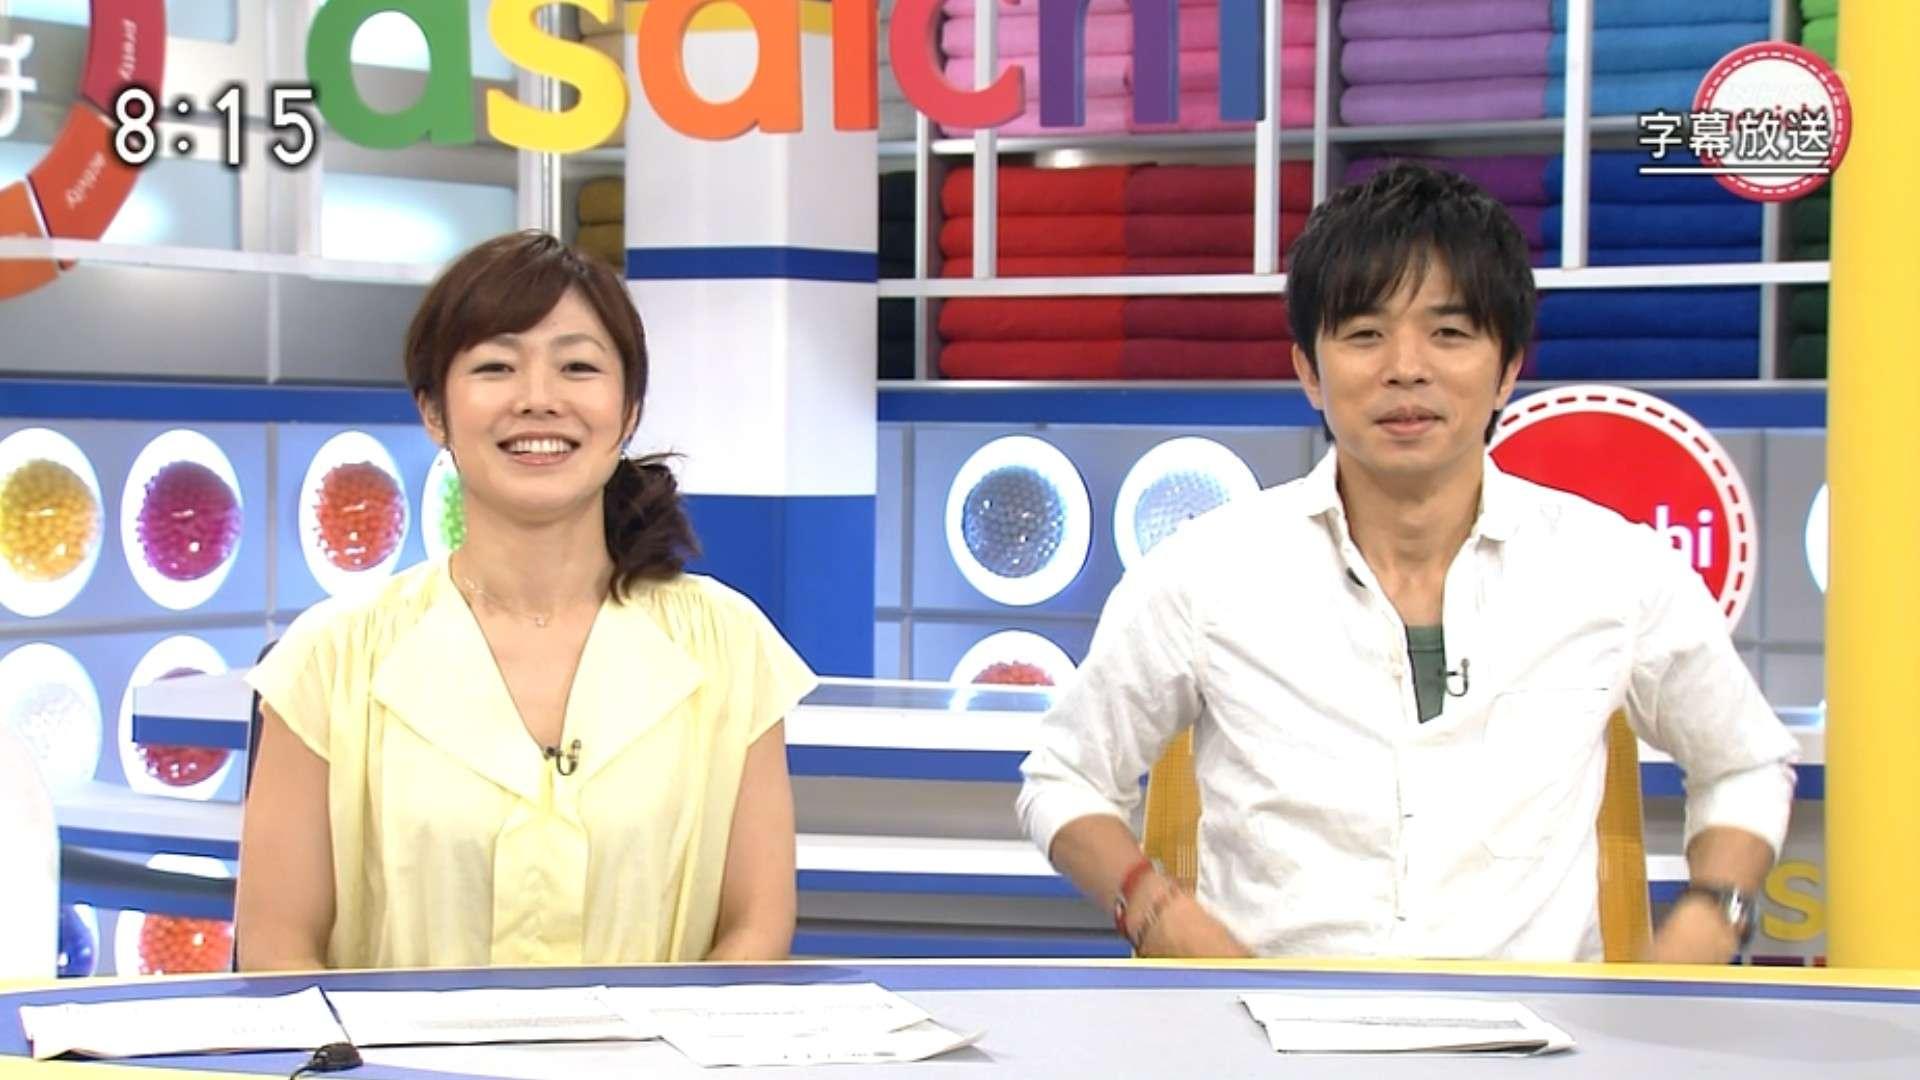 V6井ノ原快彦、NHK「あさイチ」に出演した水道橋博士に「今日は最後までいてくれるんですか?」ww